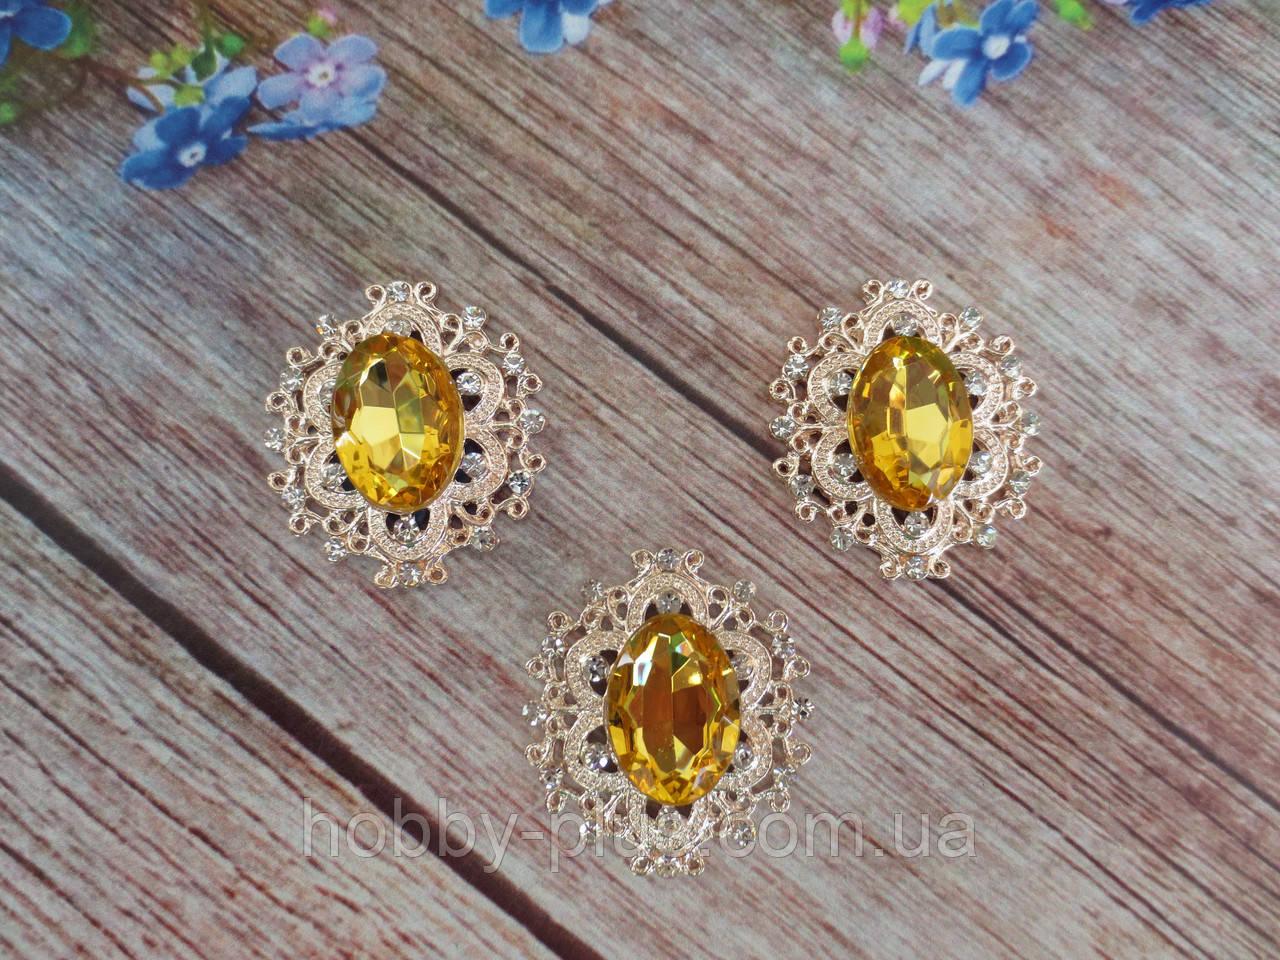 Металлический клеевой декор, 30х32 мм, цвет оправы светлое золото, цвет камня светло-янтарный, 1 шт